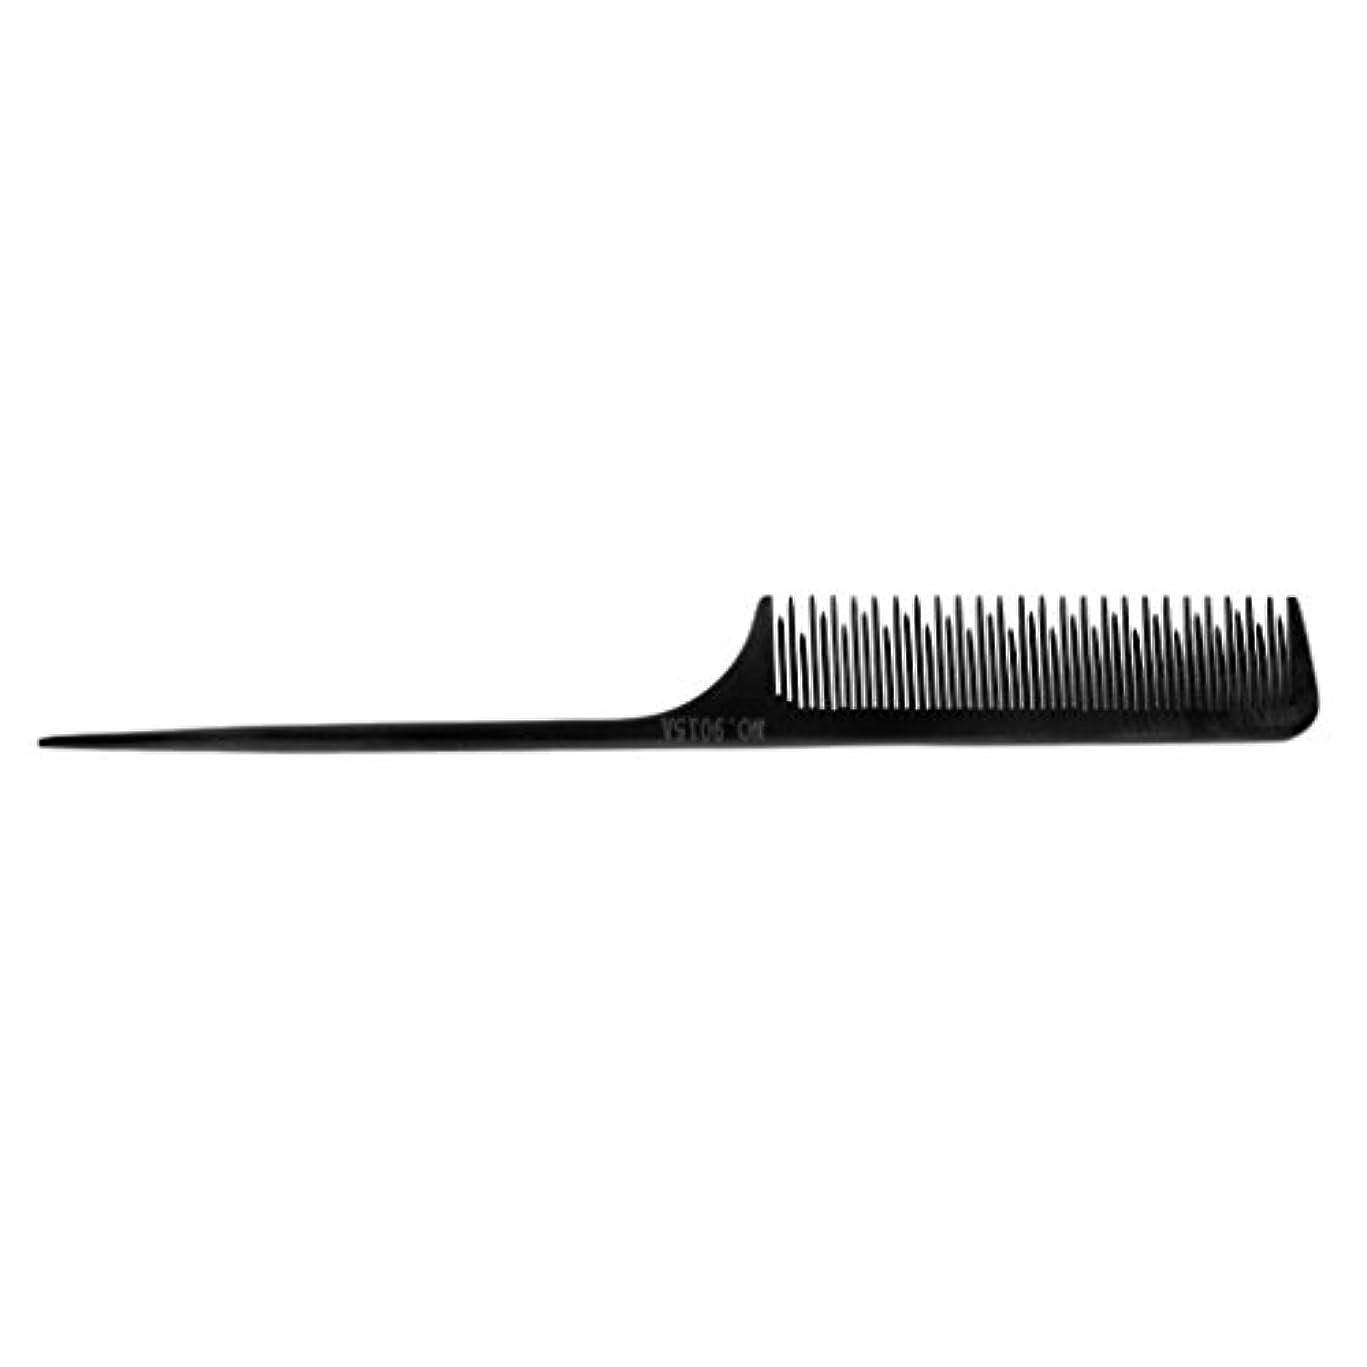 カカドゥ問い合わせるスペイン語サロンの理髪師のテールチップスタイリングツール細かい歯の選択毛の櫛